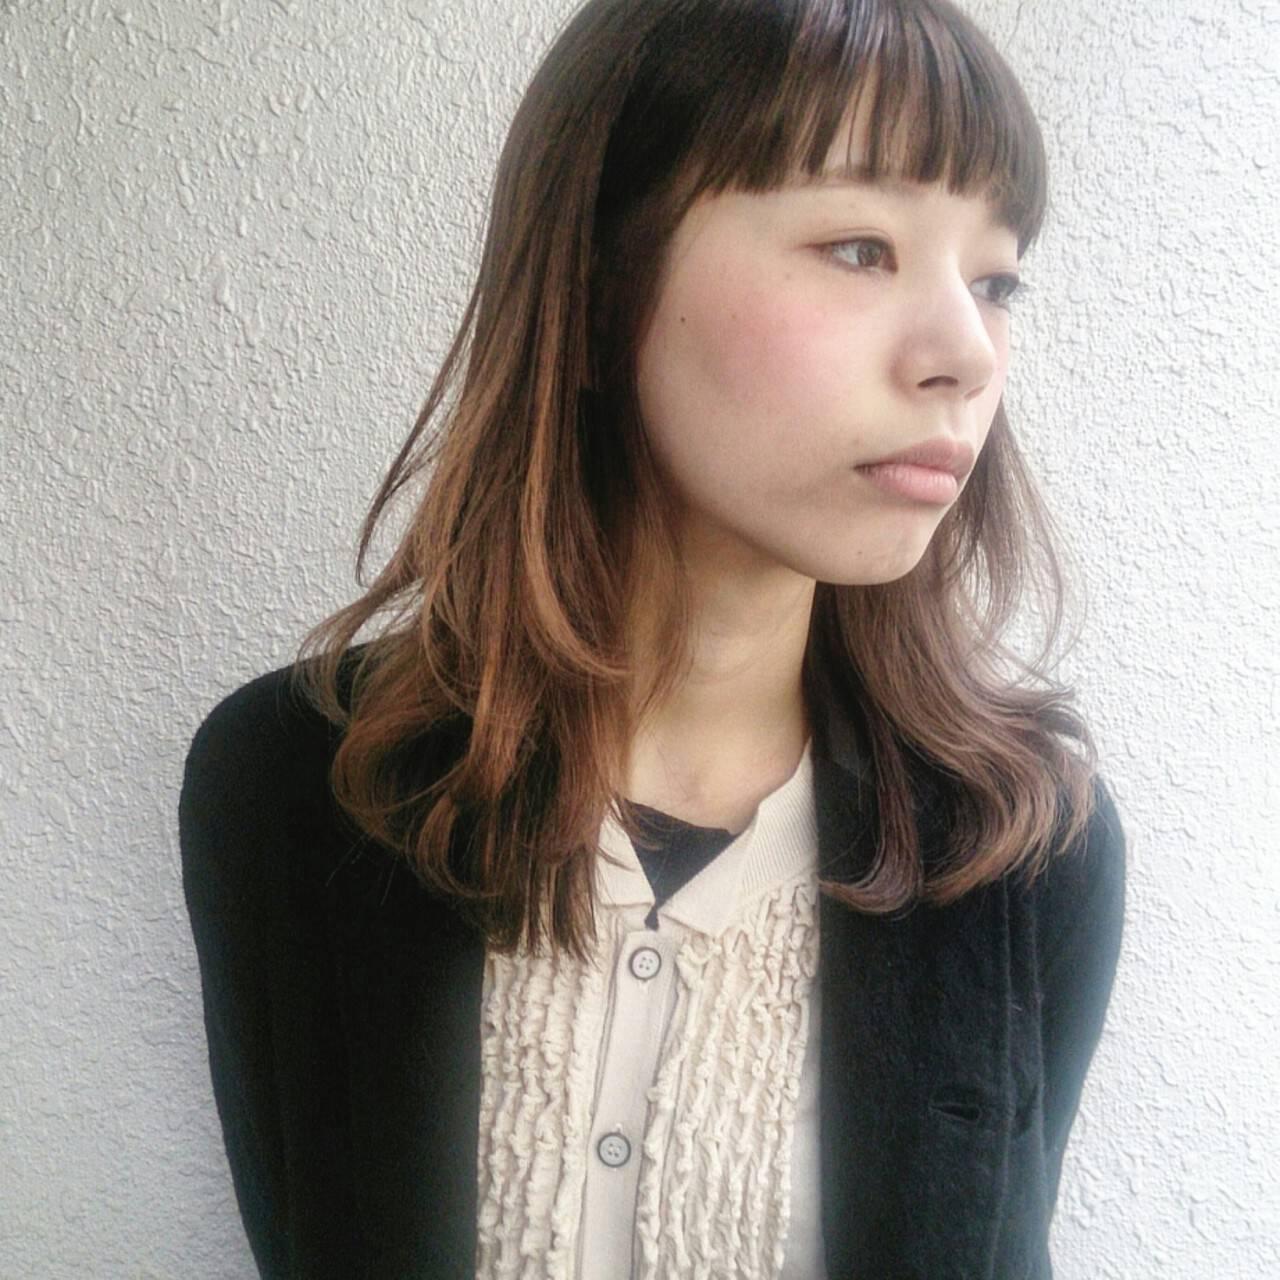 レイヤーカット フェミニン 抜け感 ミディアムヘアスタイルや髪型の写真・画像